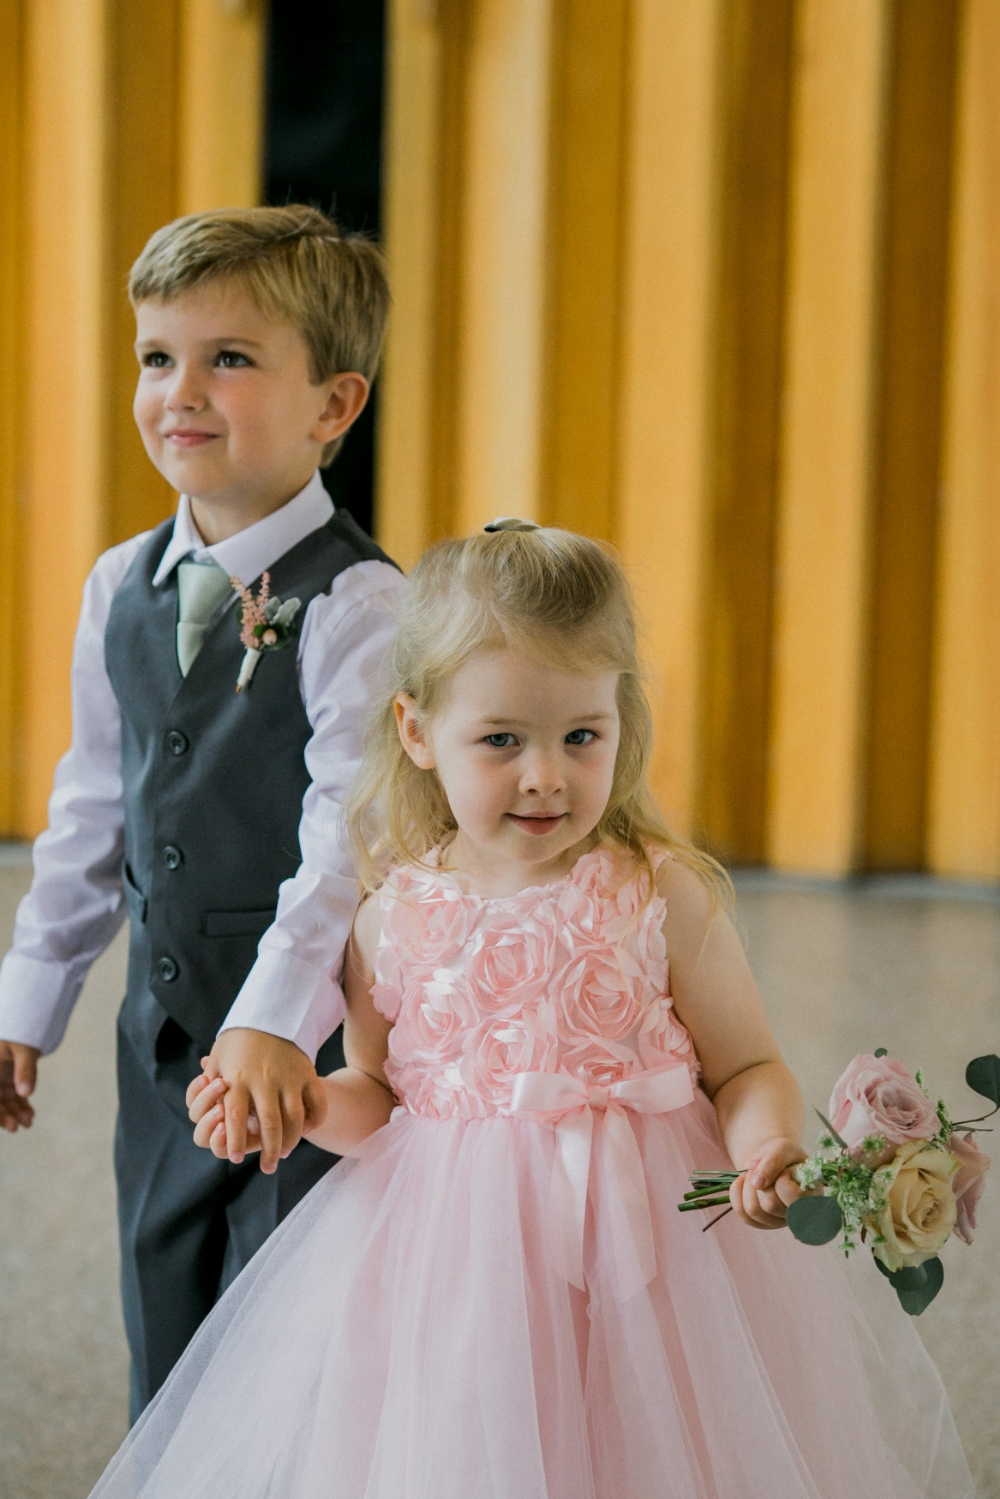 winnipeg wedding florist - flower girl ideas